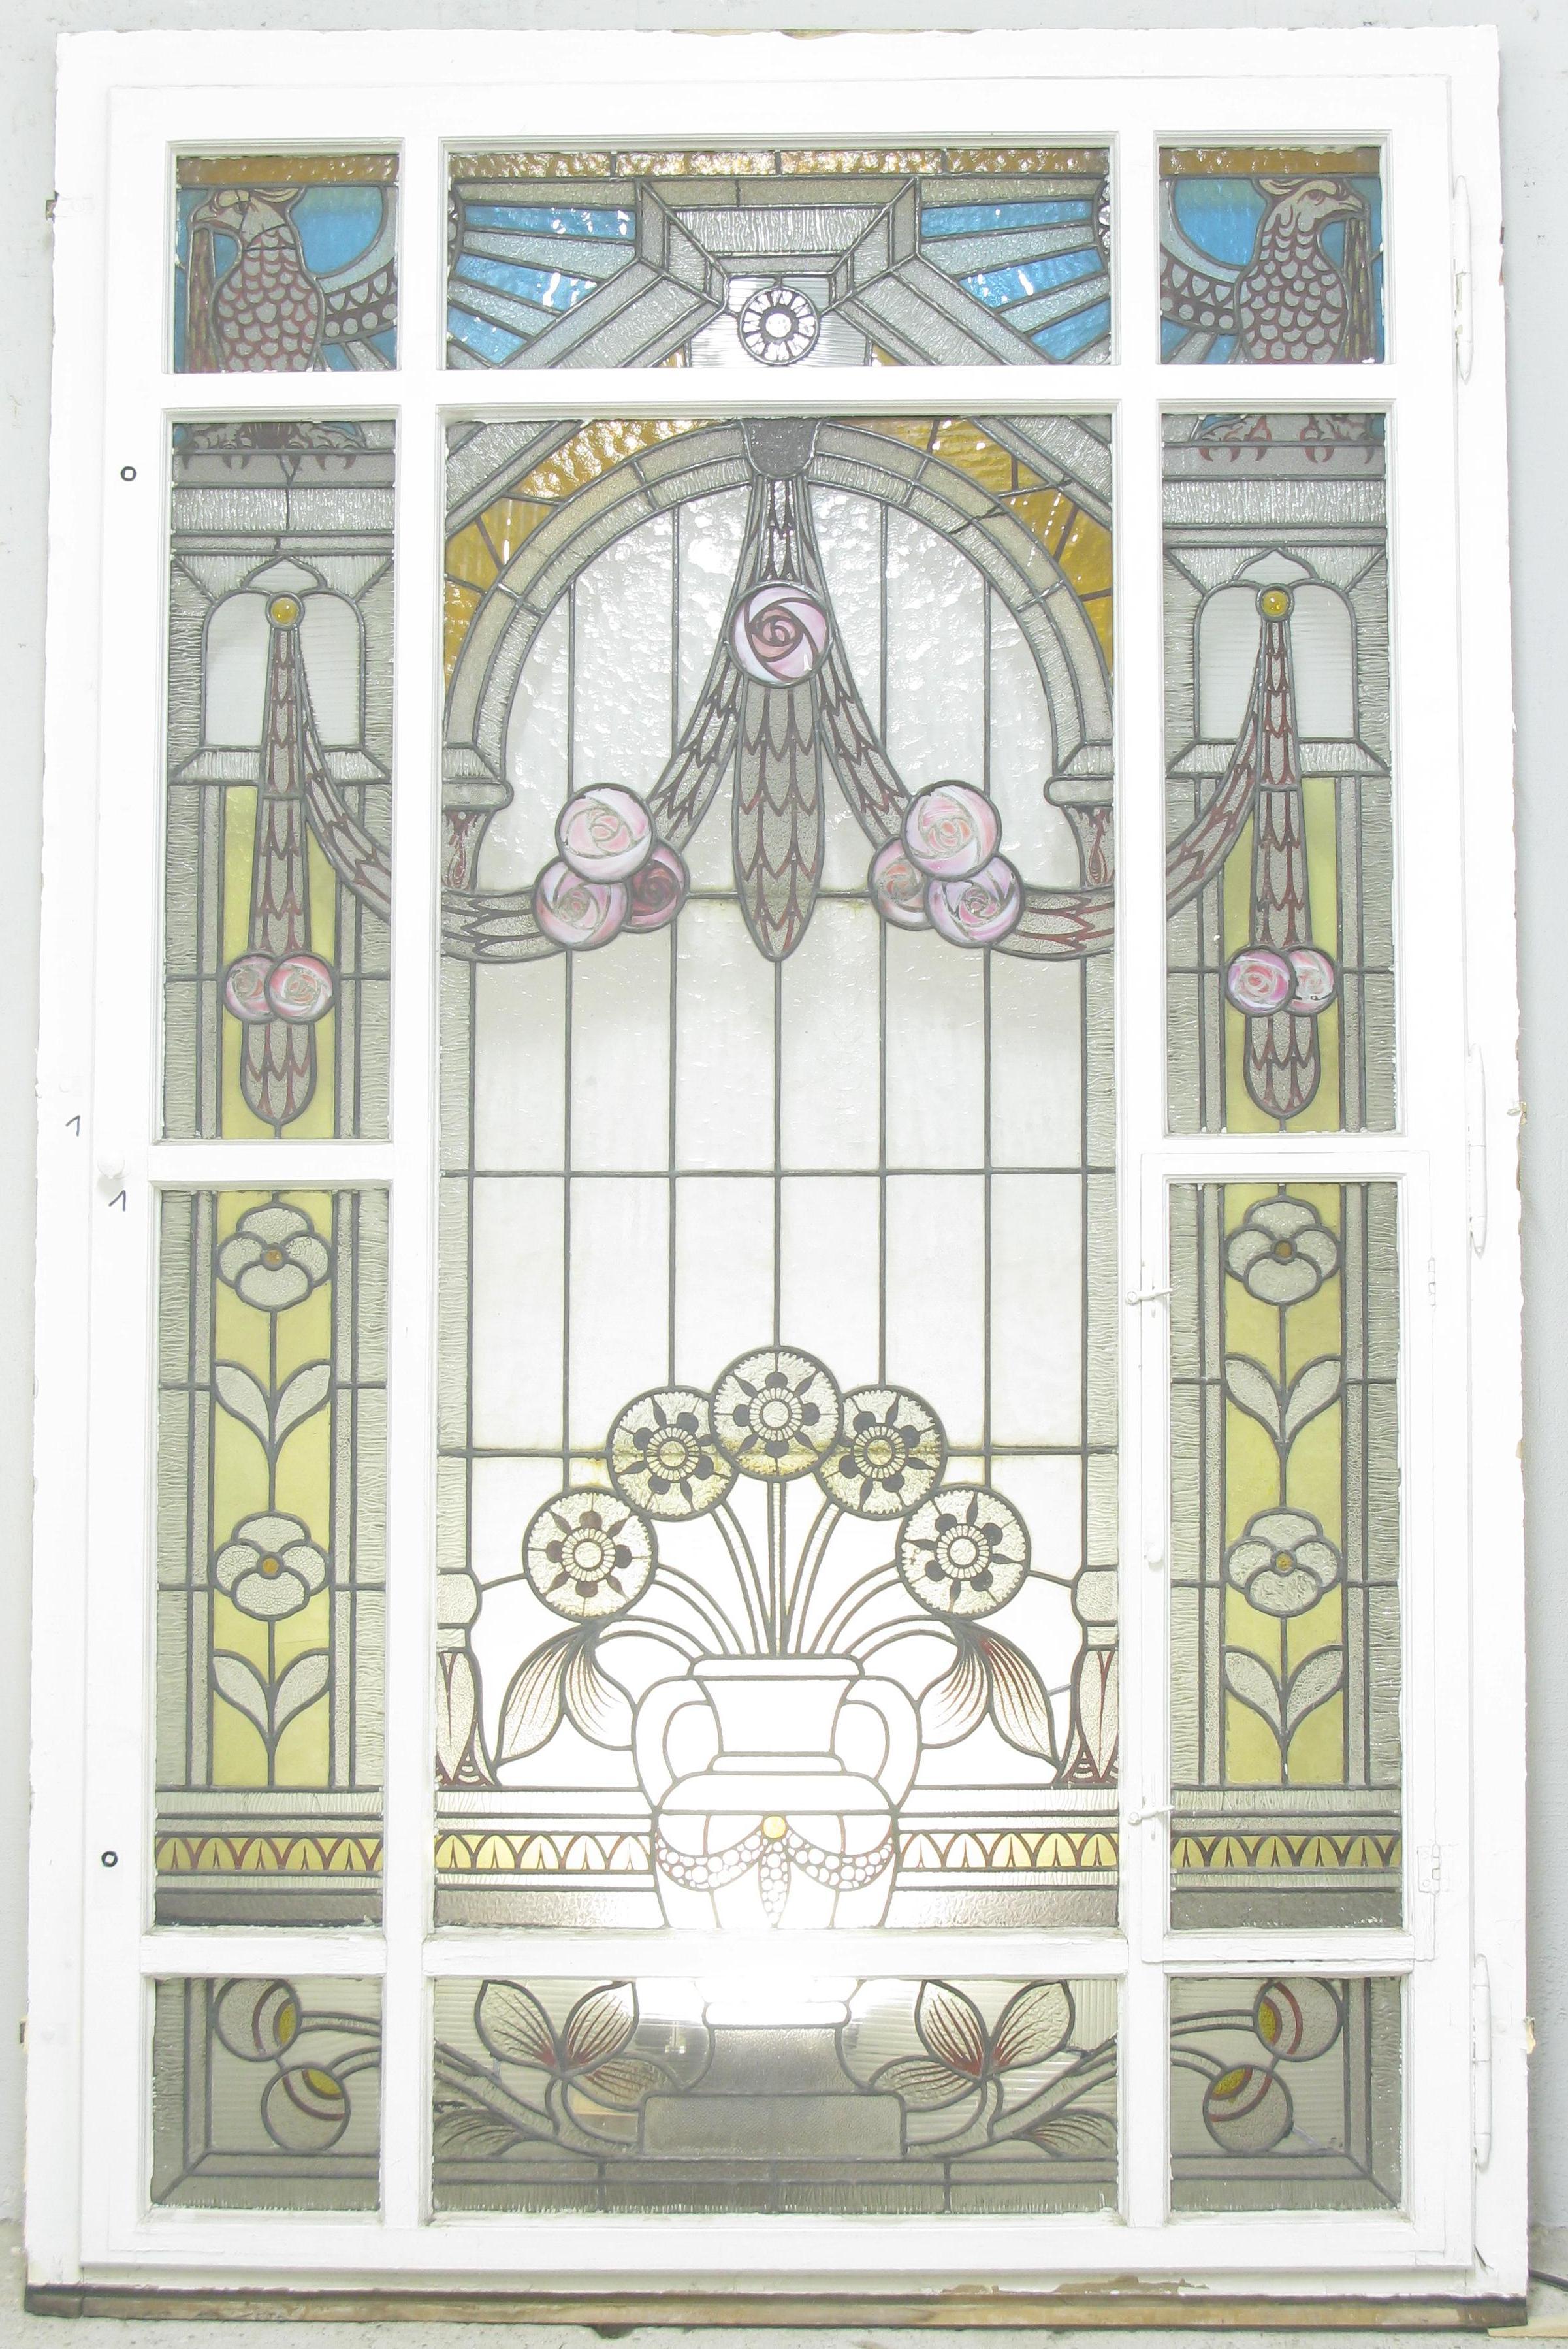 Historische Bauelemente Marwitz treppenhausfenster jugendstil mit schöner bleiverglasung